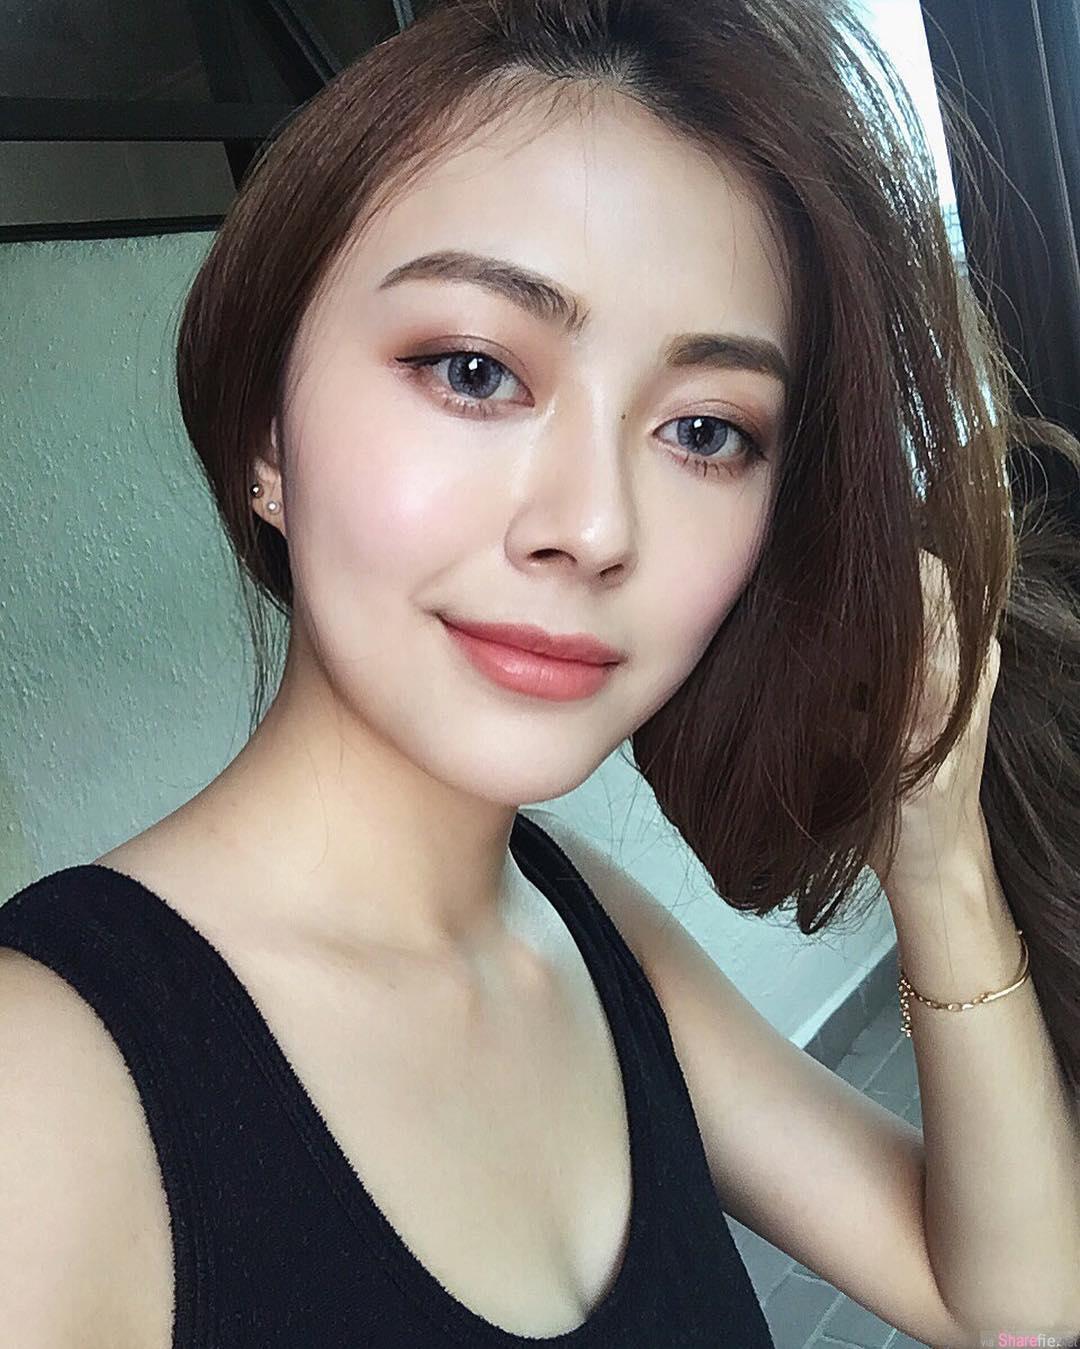 大马正妹 Kyona Teo 清新甜美白嫩大腿 网友:难得一见极品